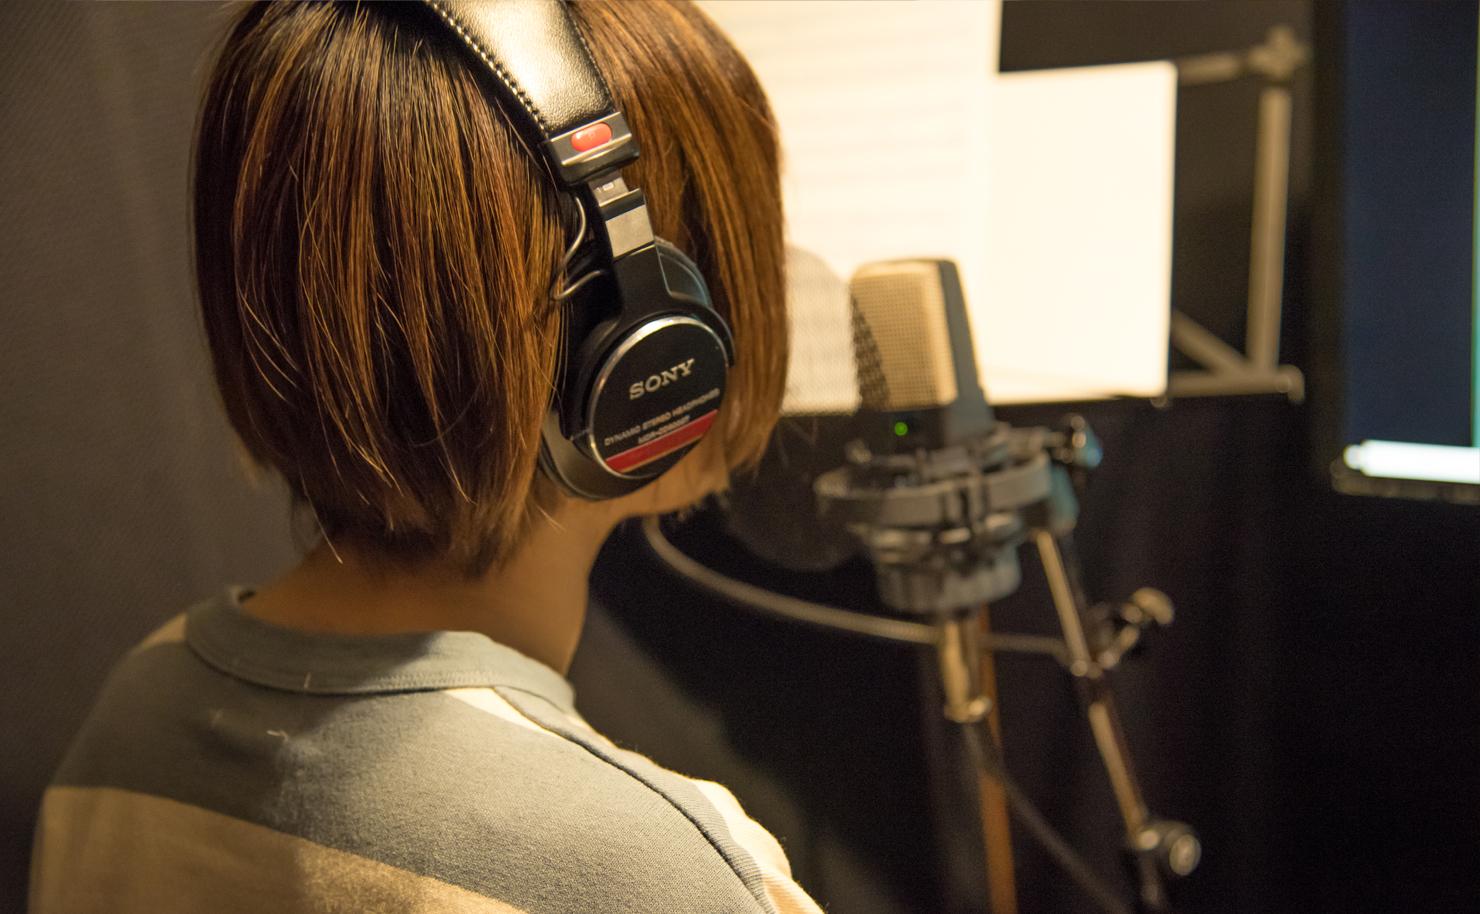 日ナレ / S・響・エースクルー / スターダストプロモーション声優部 / 大沢事務所などのオーディション向けボイスサンプル制作に向けて